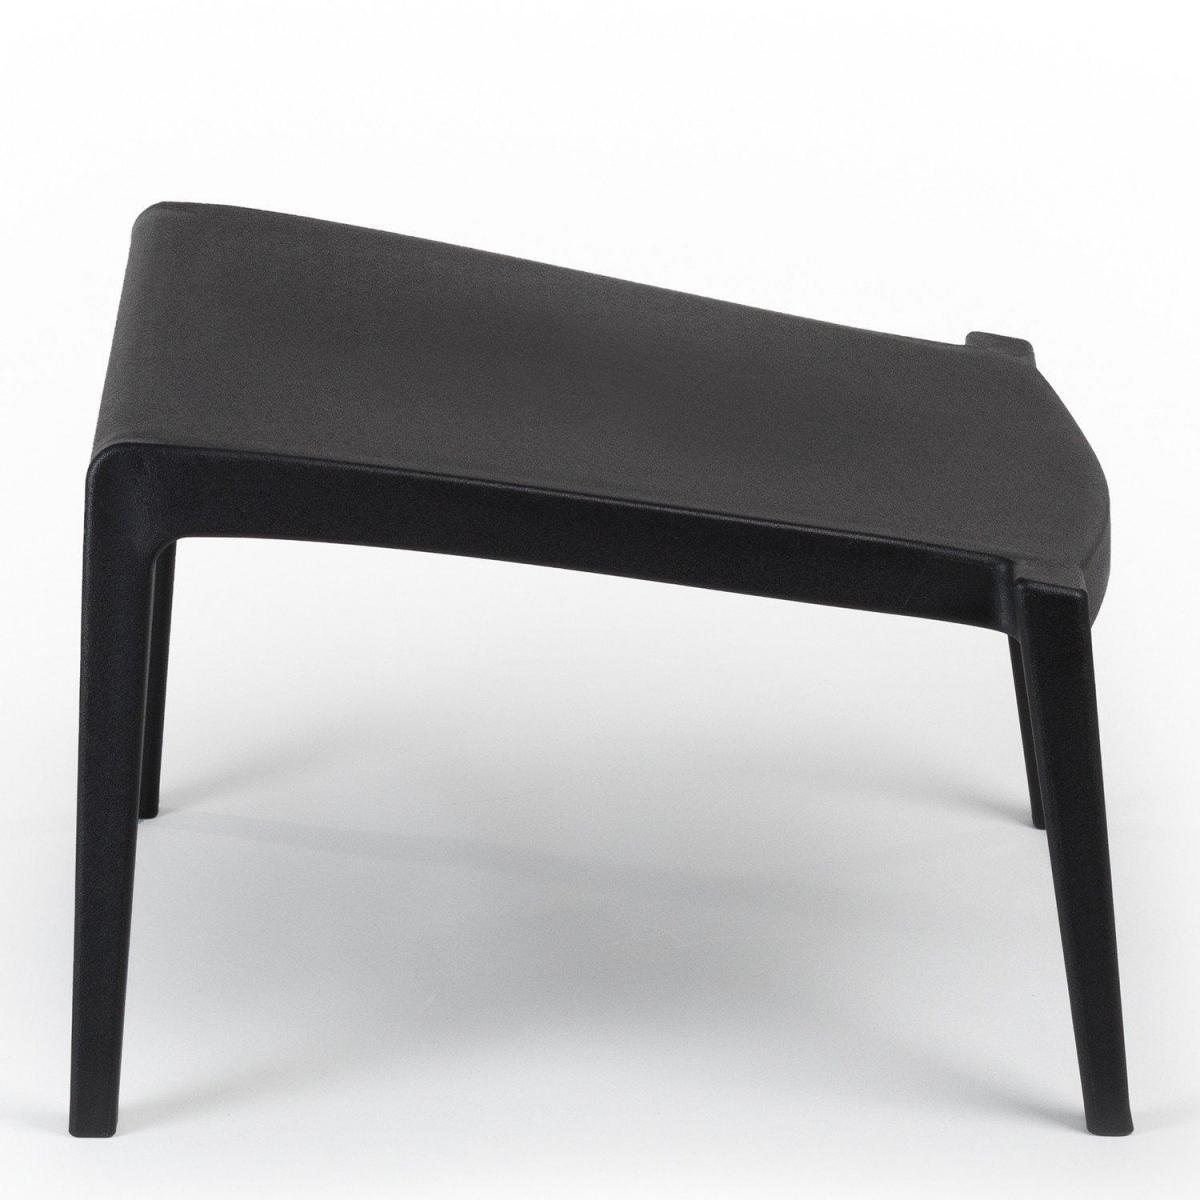 Stylez Tabouret de jardin design noir